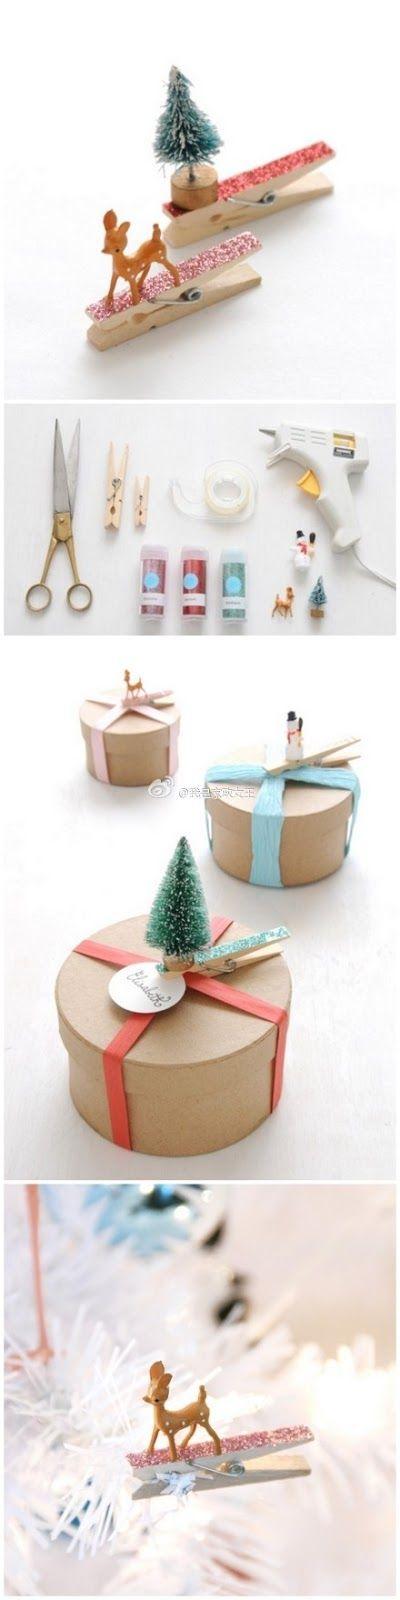 Coco 的美術館: DIY 點子王(2)--Good ideas! (2)